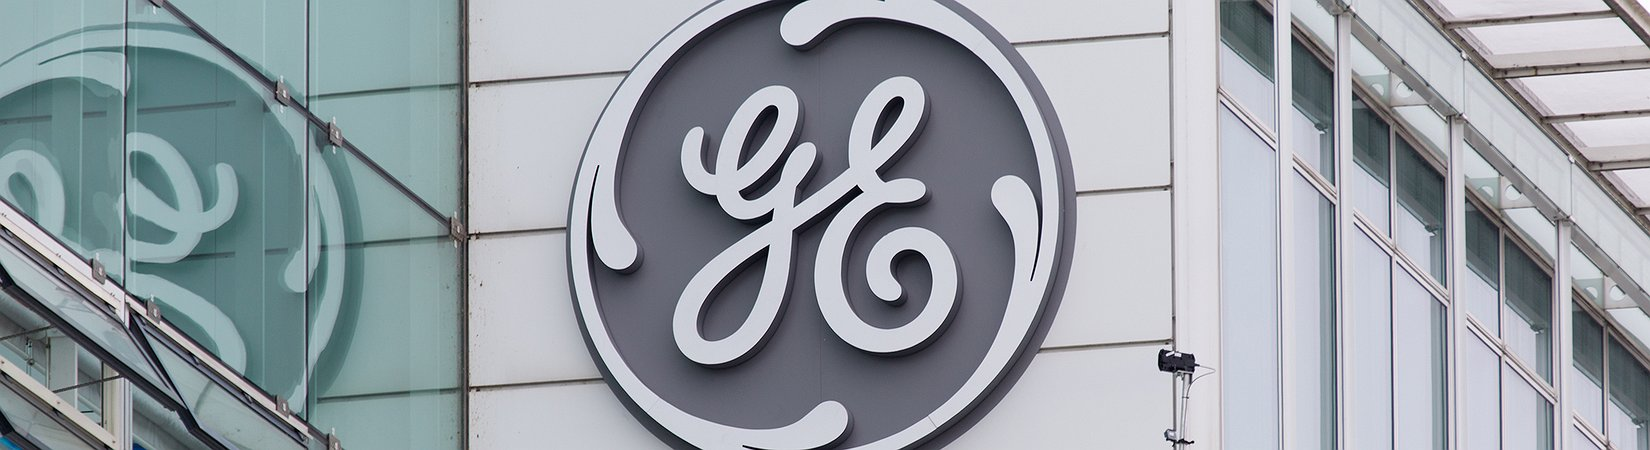 Las acciones de GE se disparan tras el cambio de su director ejecutivo